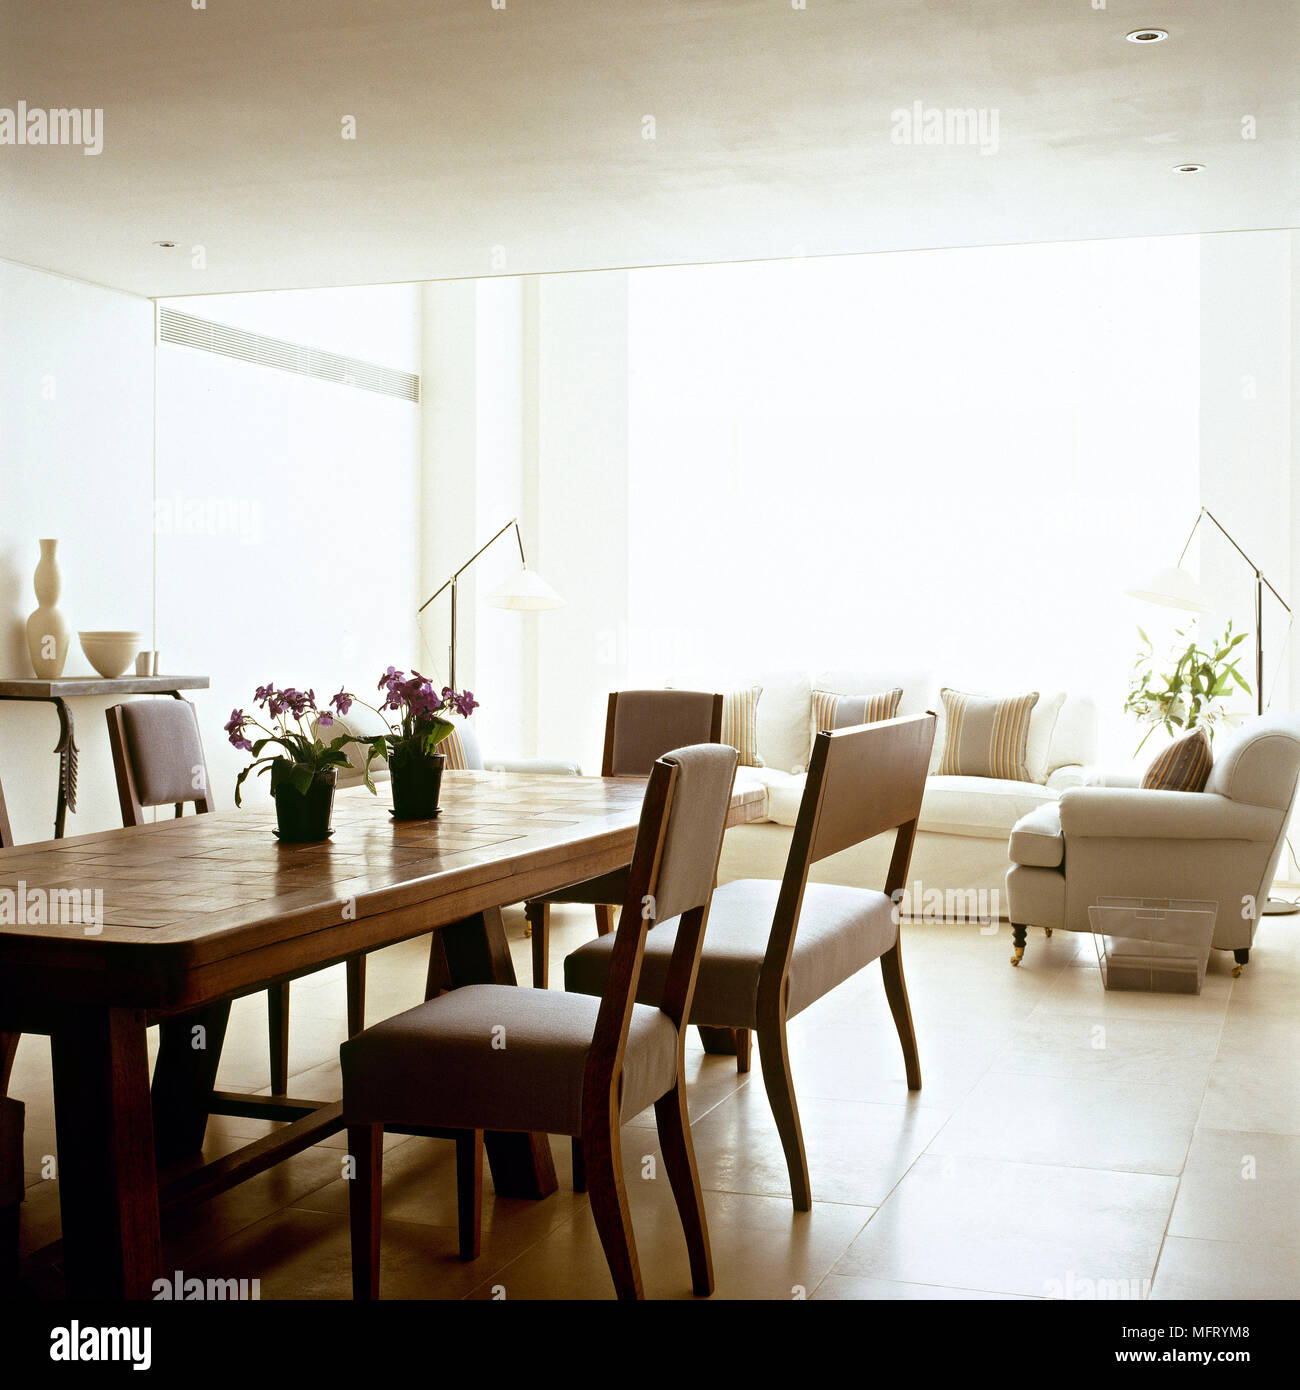 neutrale moderne wohnzimmer, moderne offene neutrale wohnzimmer essbereich holz tisch sessel, Ideen entwickeln